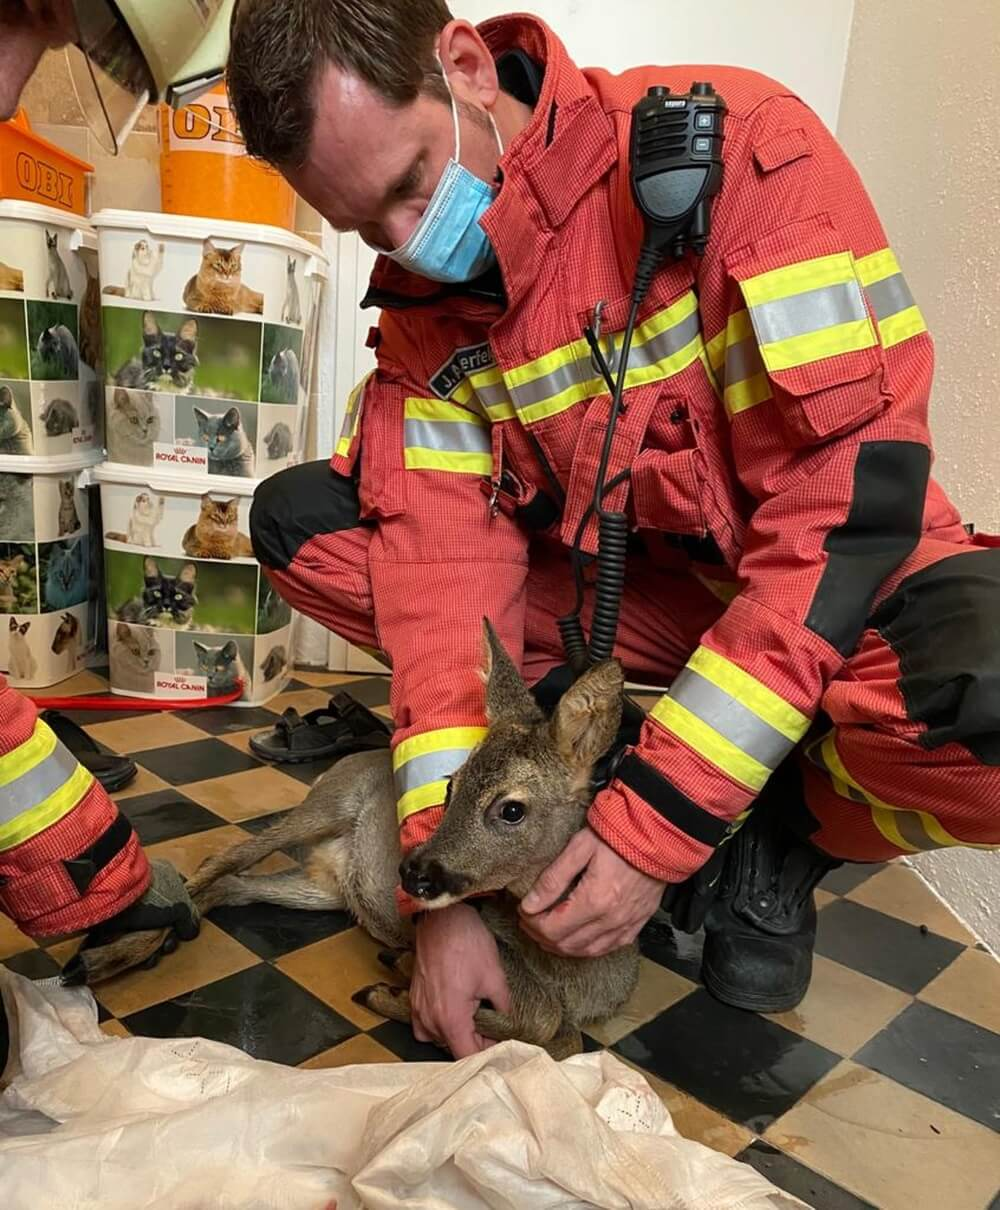 Ein Waldbewohner auf Abwegen benötigte am Vormittag des 17. Oktober 2020 die Hilfe der Velberter Feuerwehr.